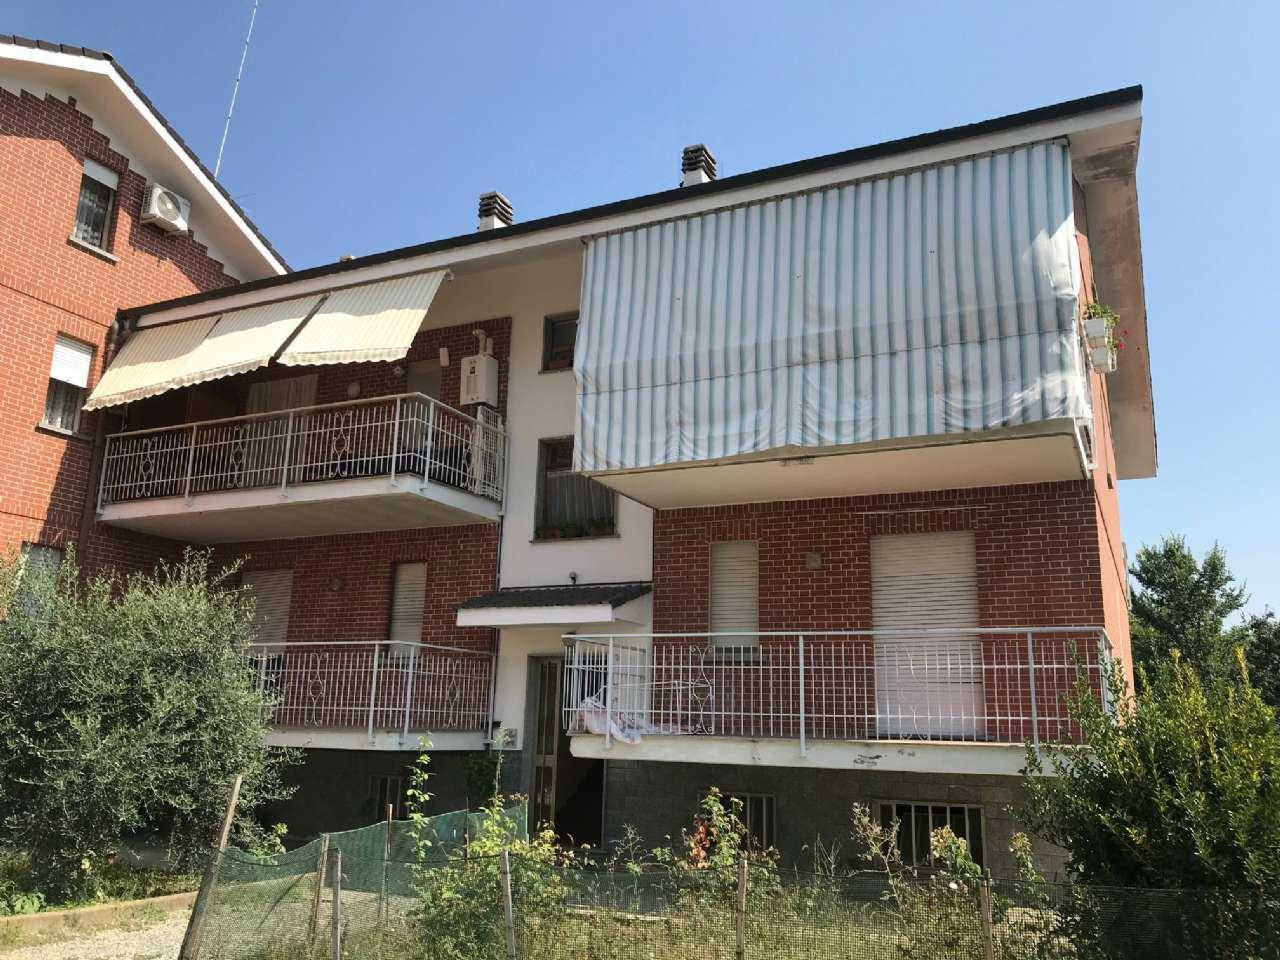 Appartamento in vendita a Sommariva del Bosco, 4 locali, prezzo € 115.000 | CambioCasa.it